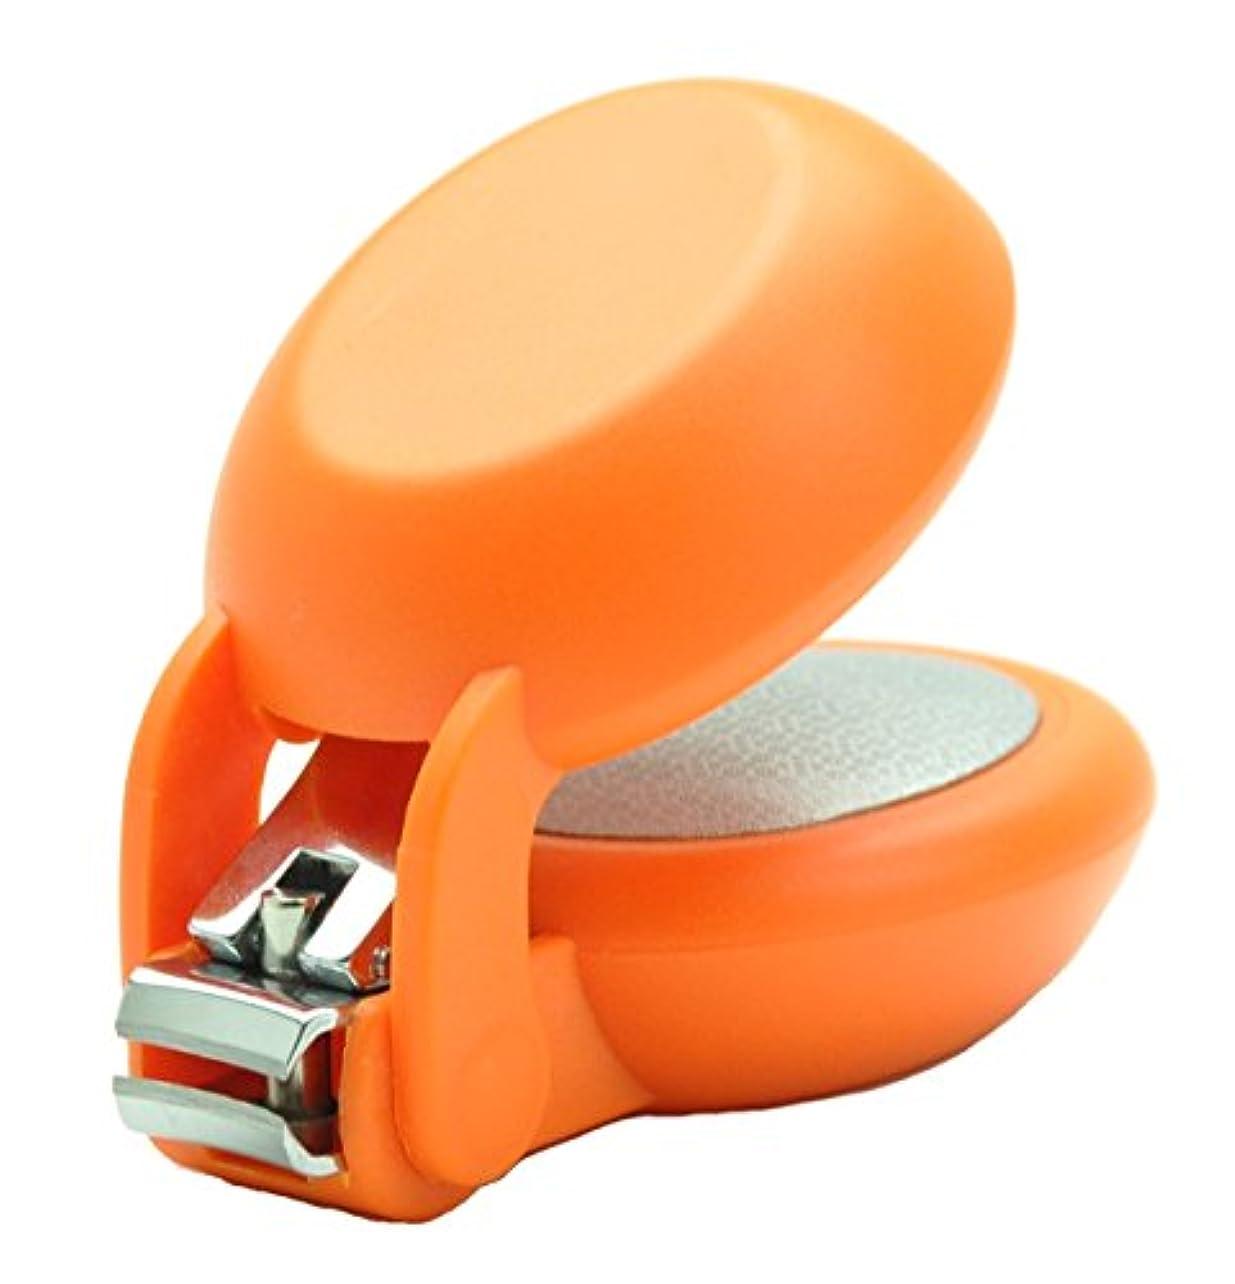 熟読思い出達成爪切り nail clipper (ネイルクリッパー) Nail+ (ネイルプラス) Orange (オレンジ)